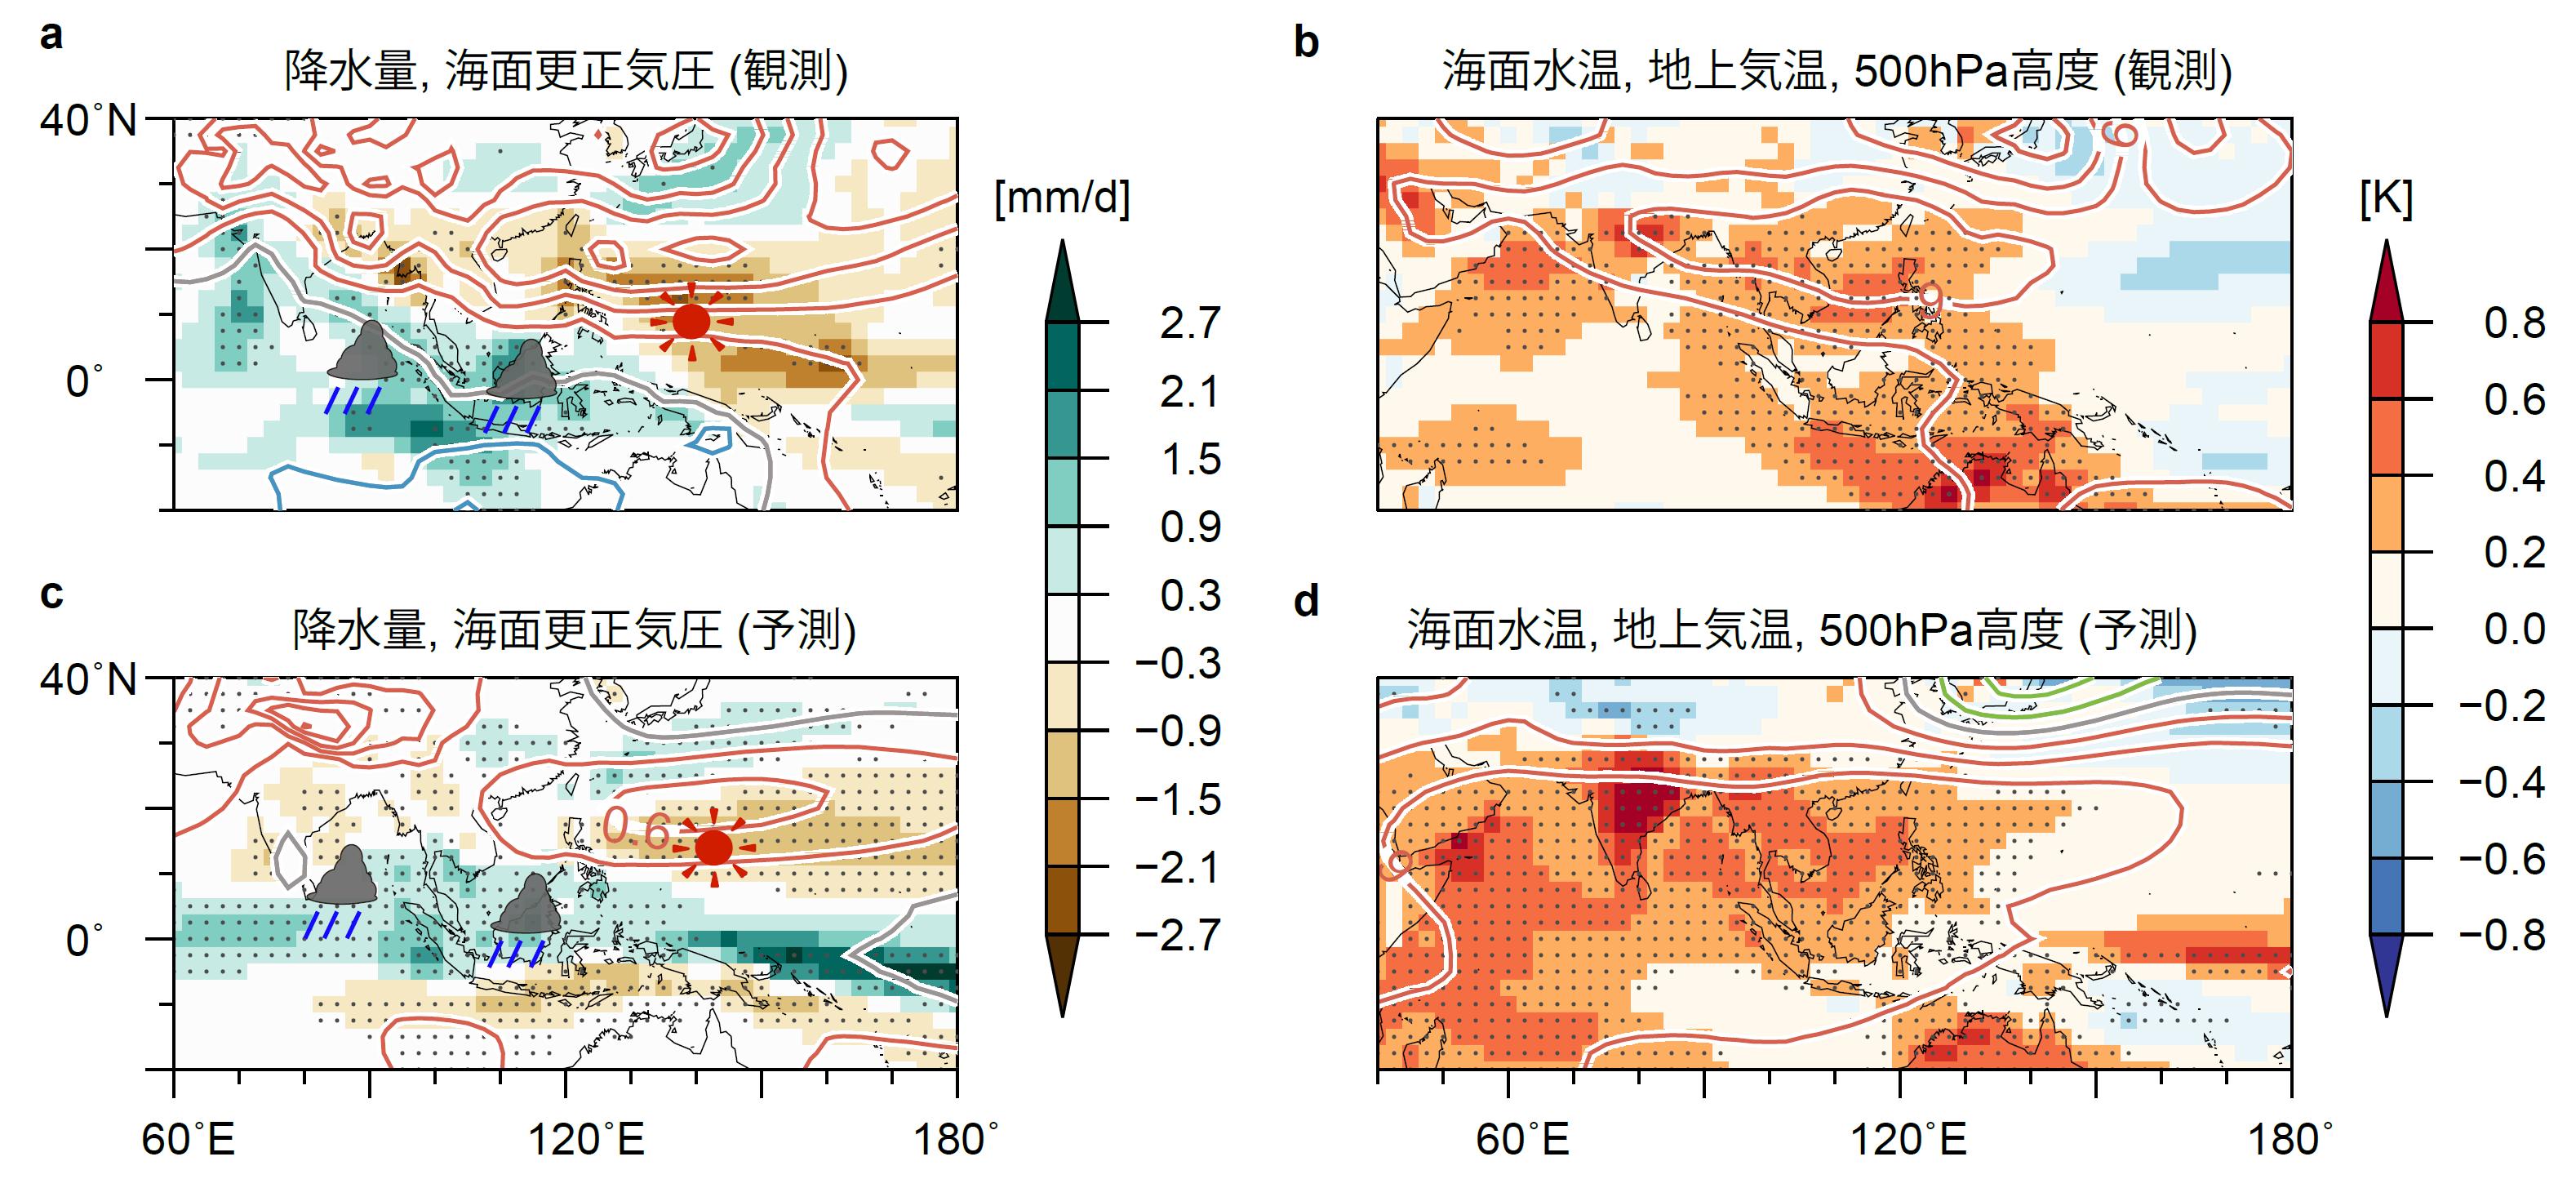 図3 エルニーニョ現象が発生していた冬の翌夏(6月~8月)の(a, b)観測値と4月末を初期値とした同期間の(c, d)予測値を比較した図